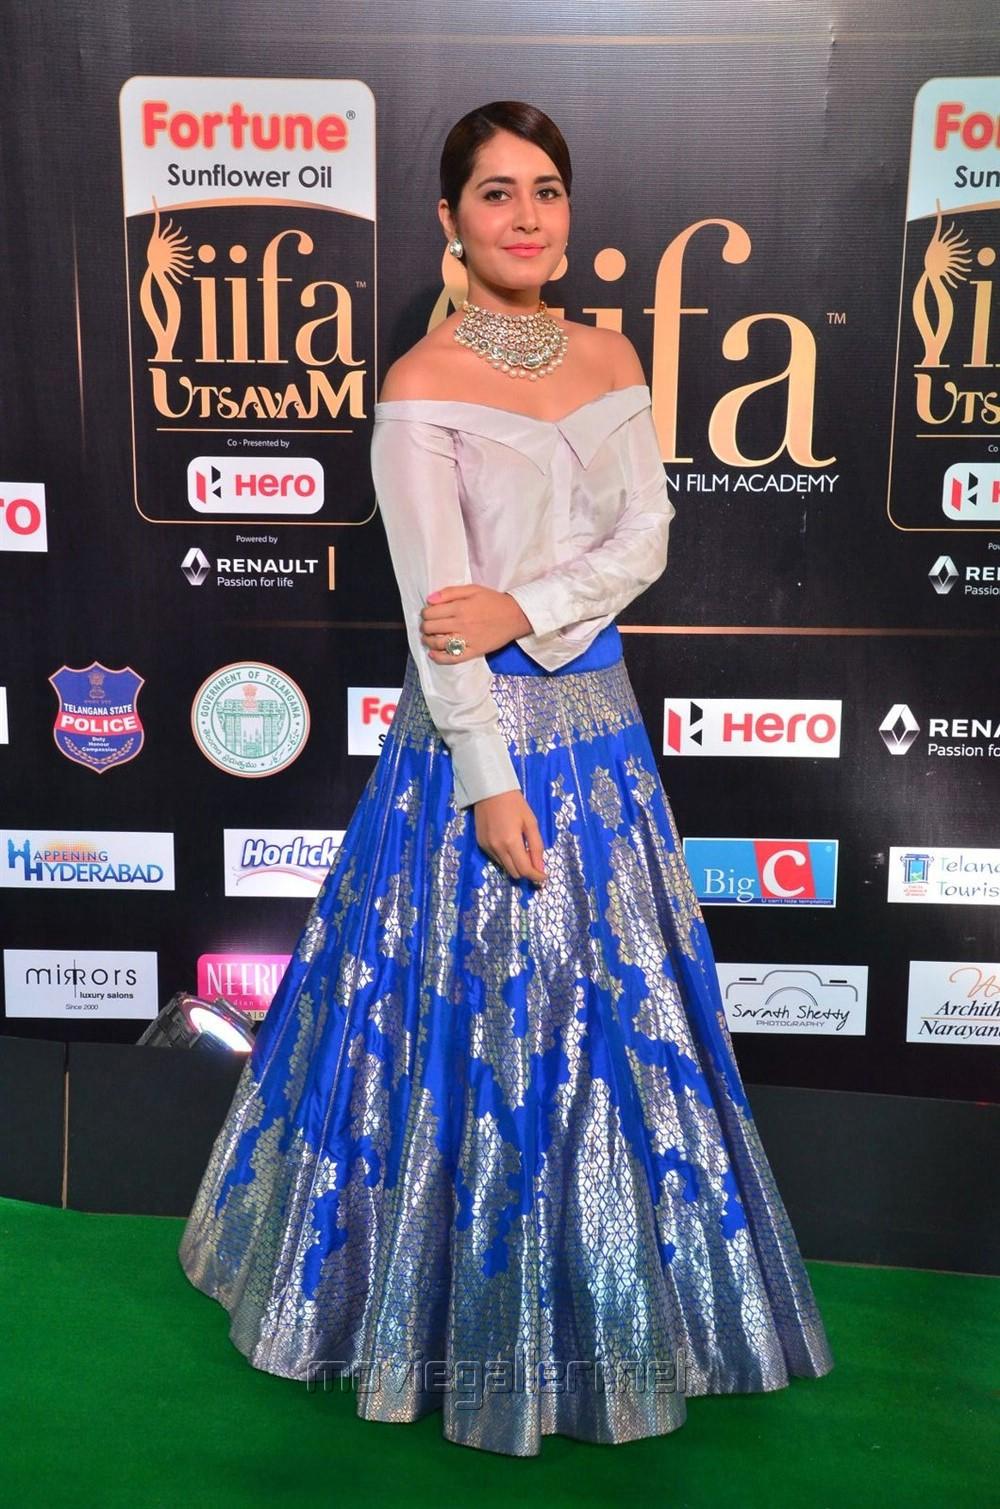 Actress Raashi Khanna @ IIFA Utsavam 2017 Green Carpet (Day 1) Photos